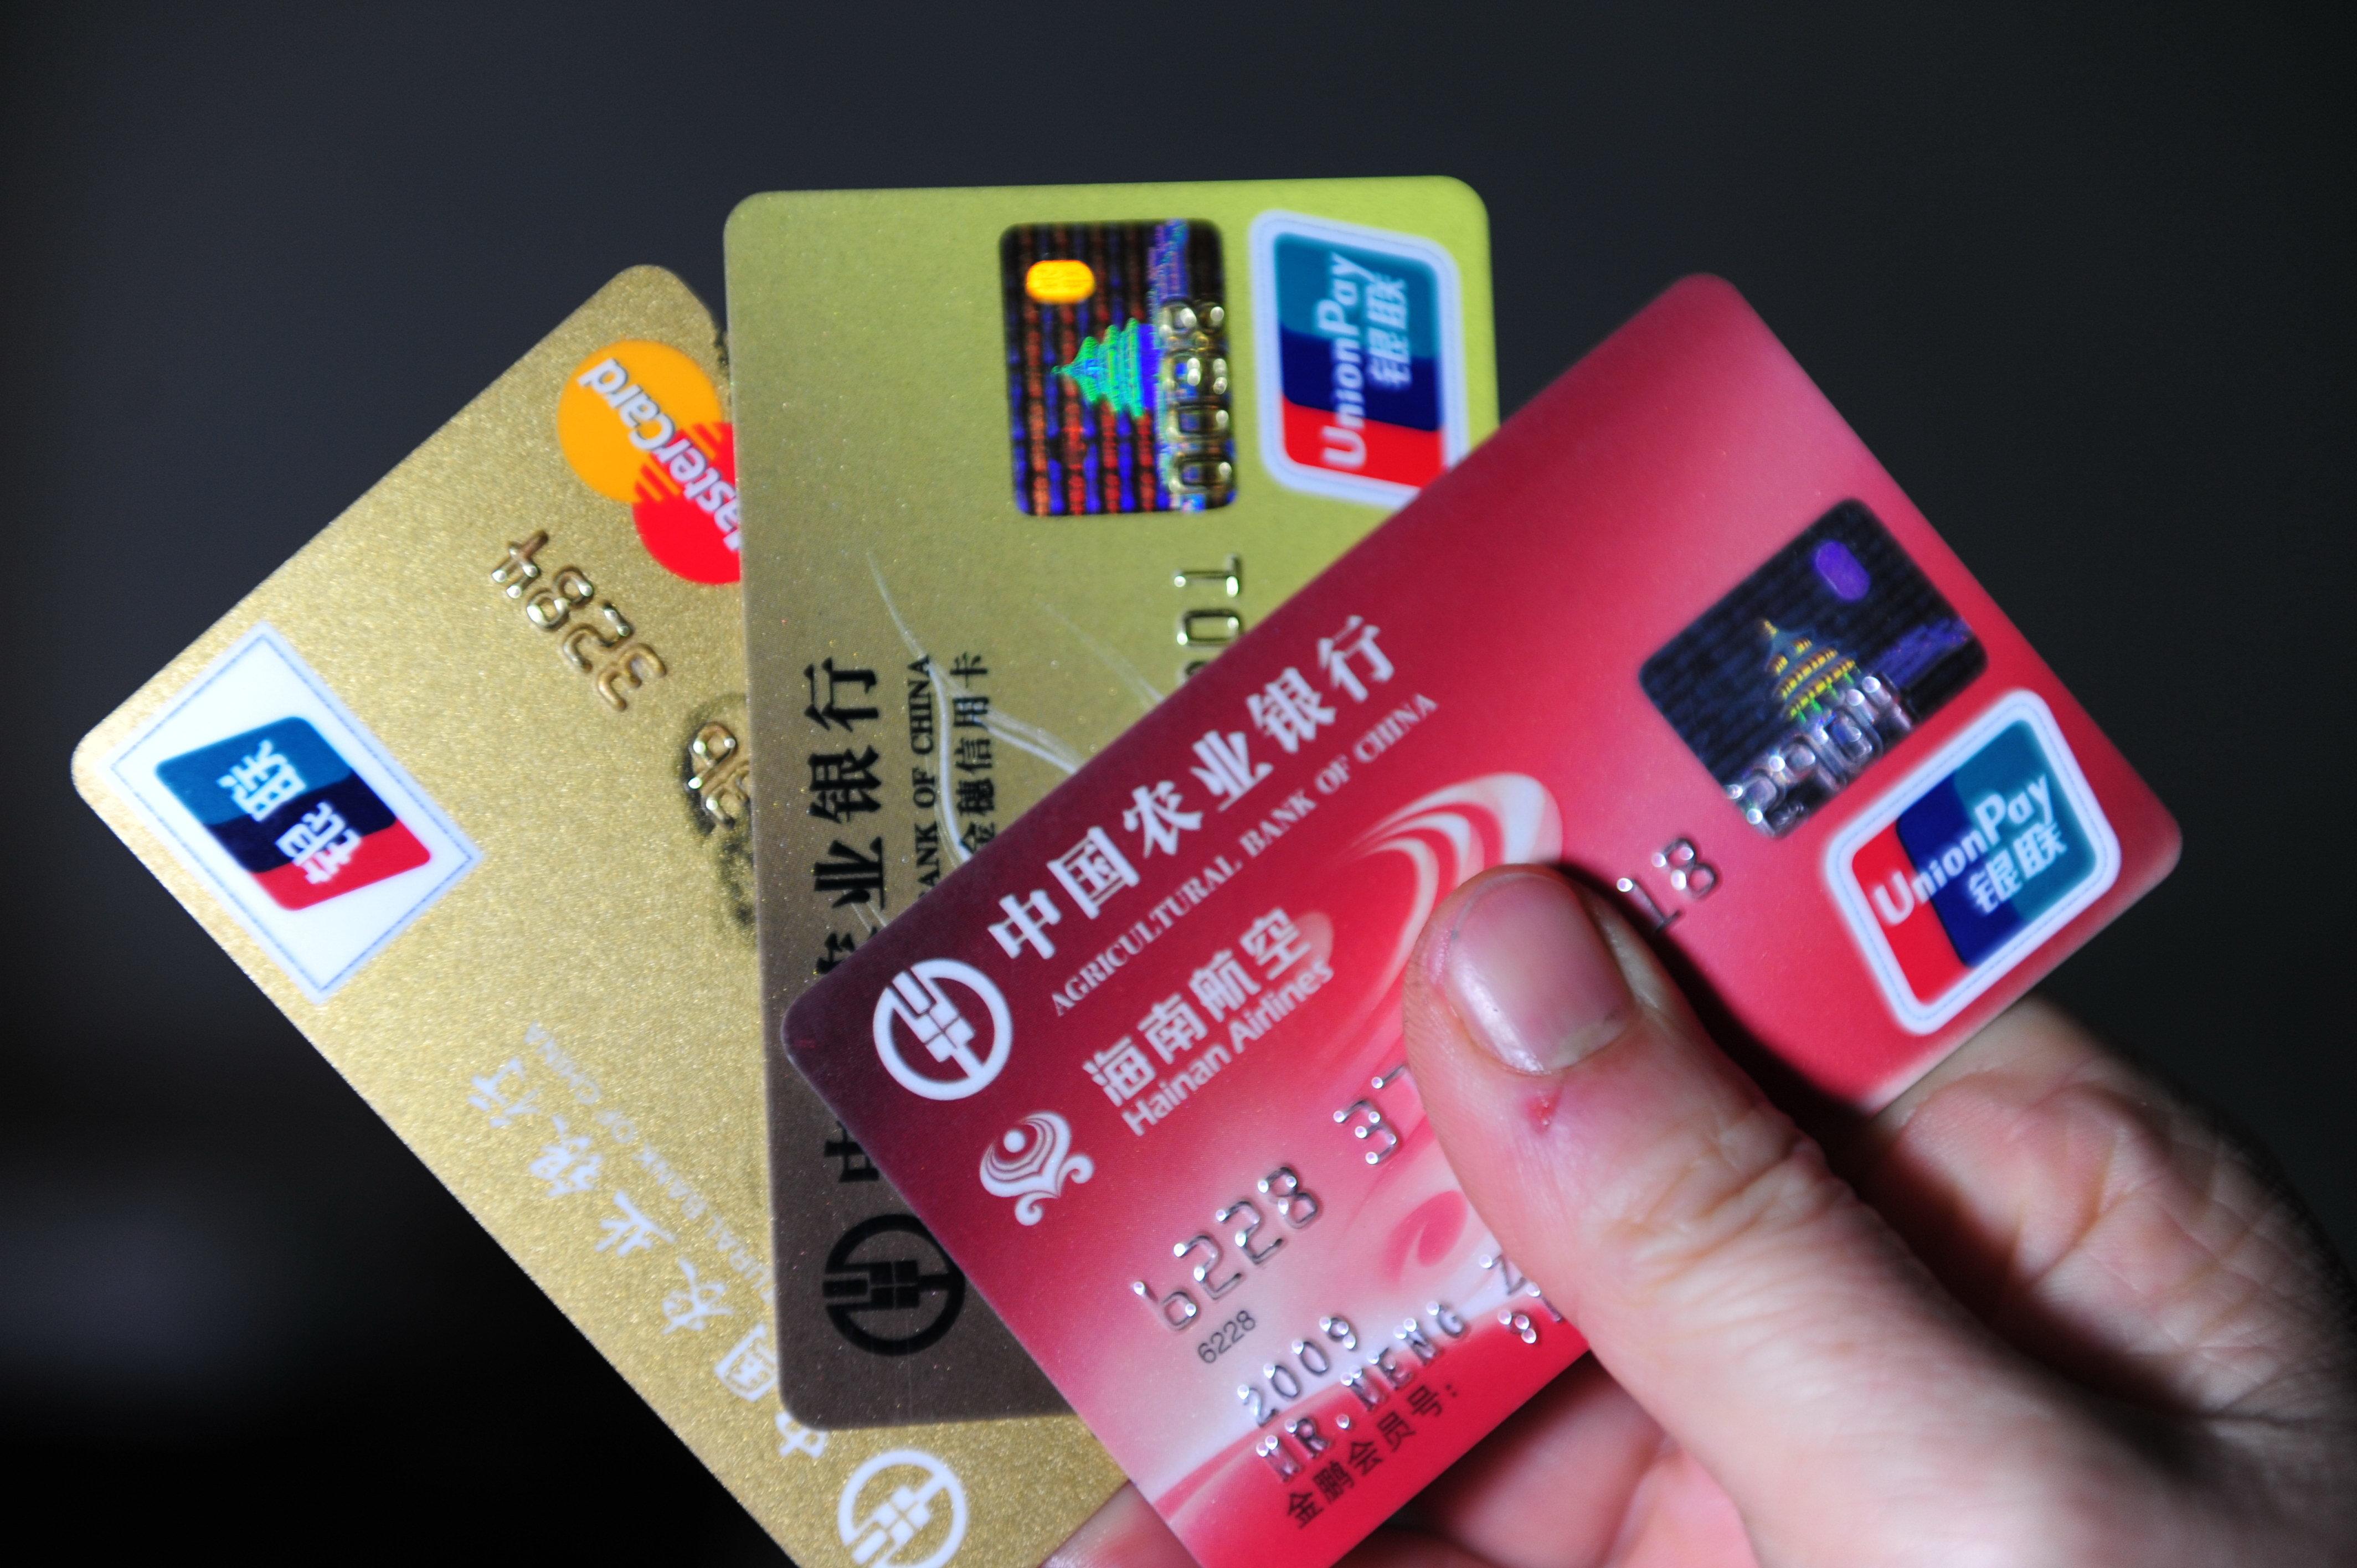 《美國價格》2019最值得養的信用卡有哪些,第4張你有嗎?